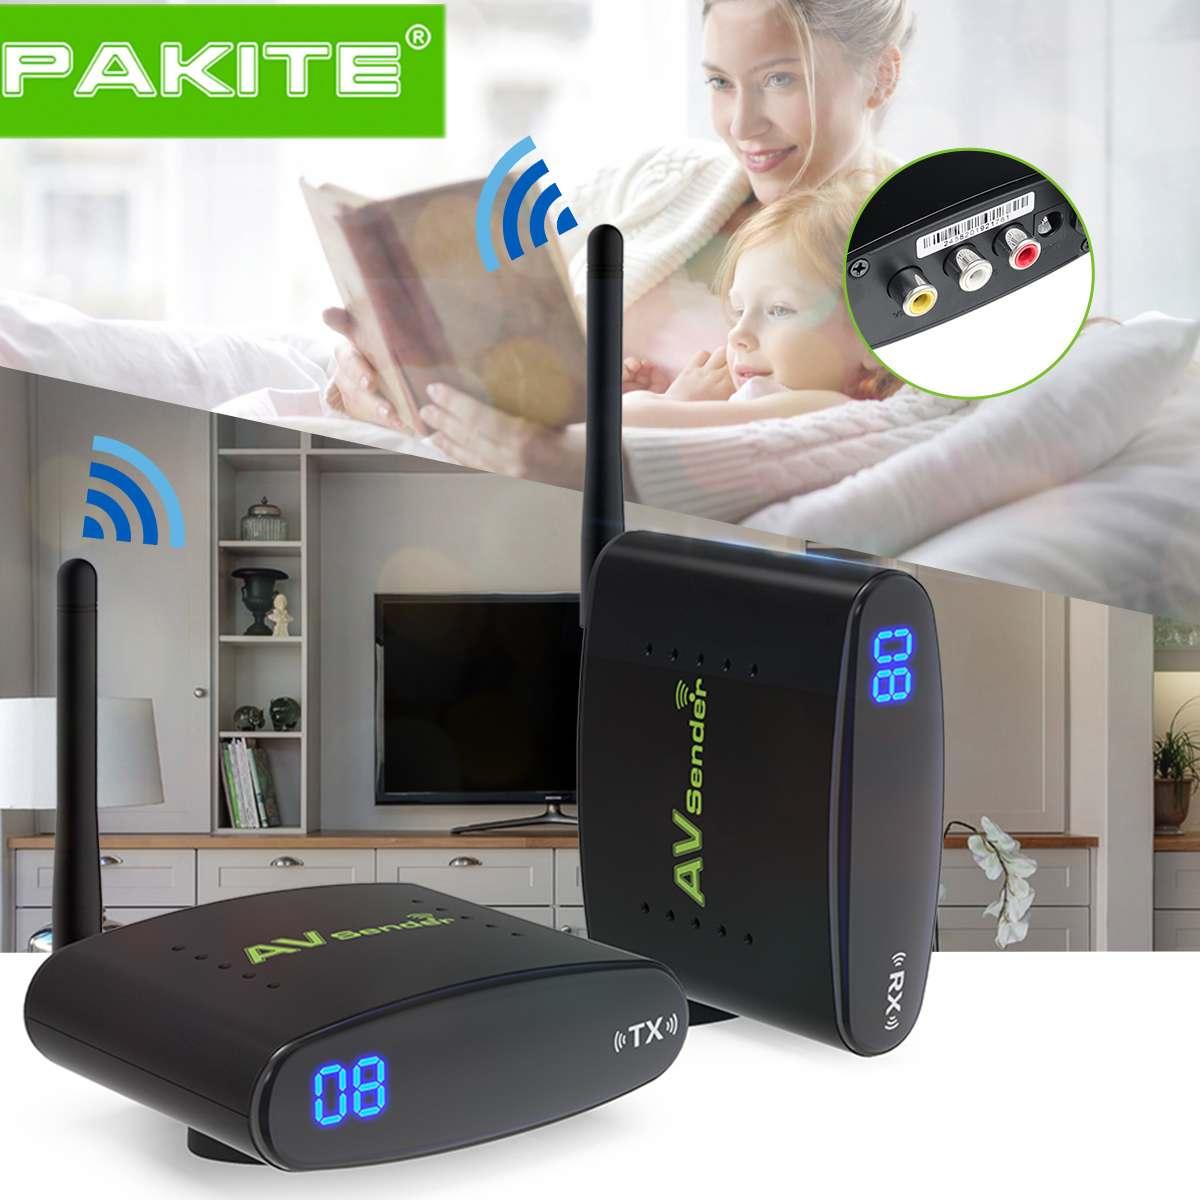 100 mètre 2.4 GHz sans fil AV émetteur TV Audio vidéo 1 émetteur 1 récepteur noir 50dB/min Distance de Transmission PAT-335